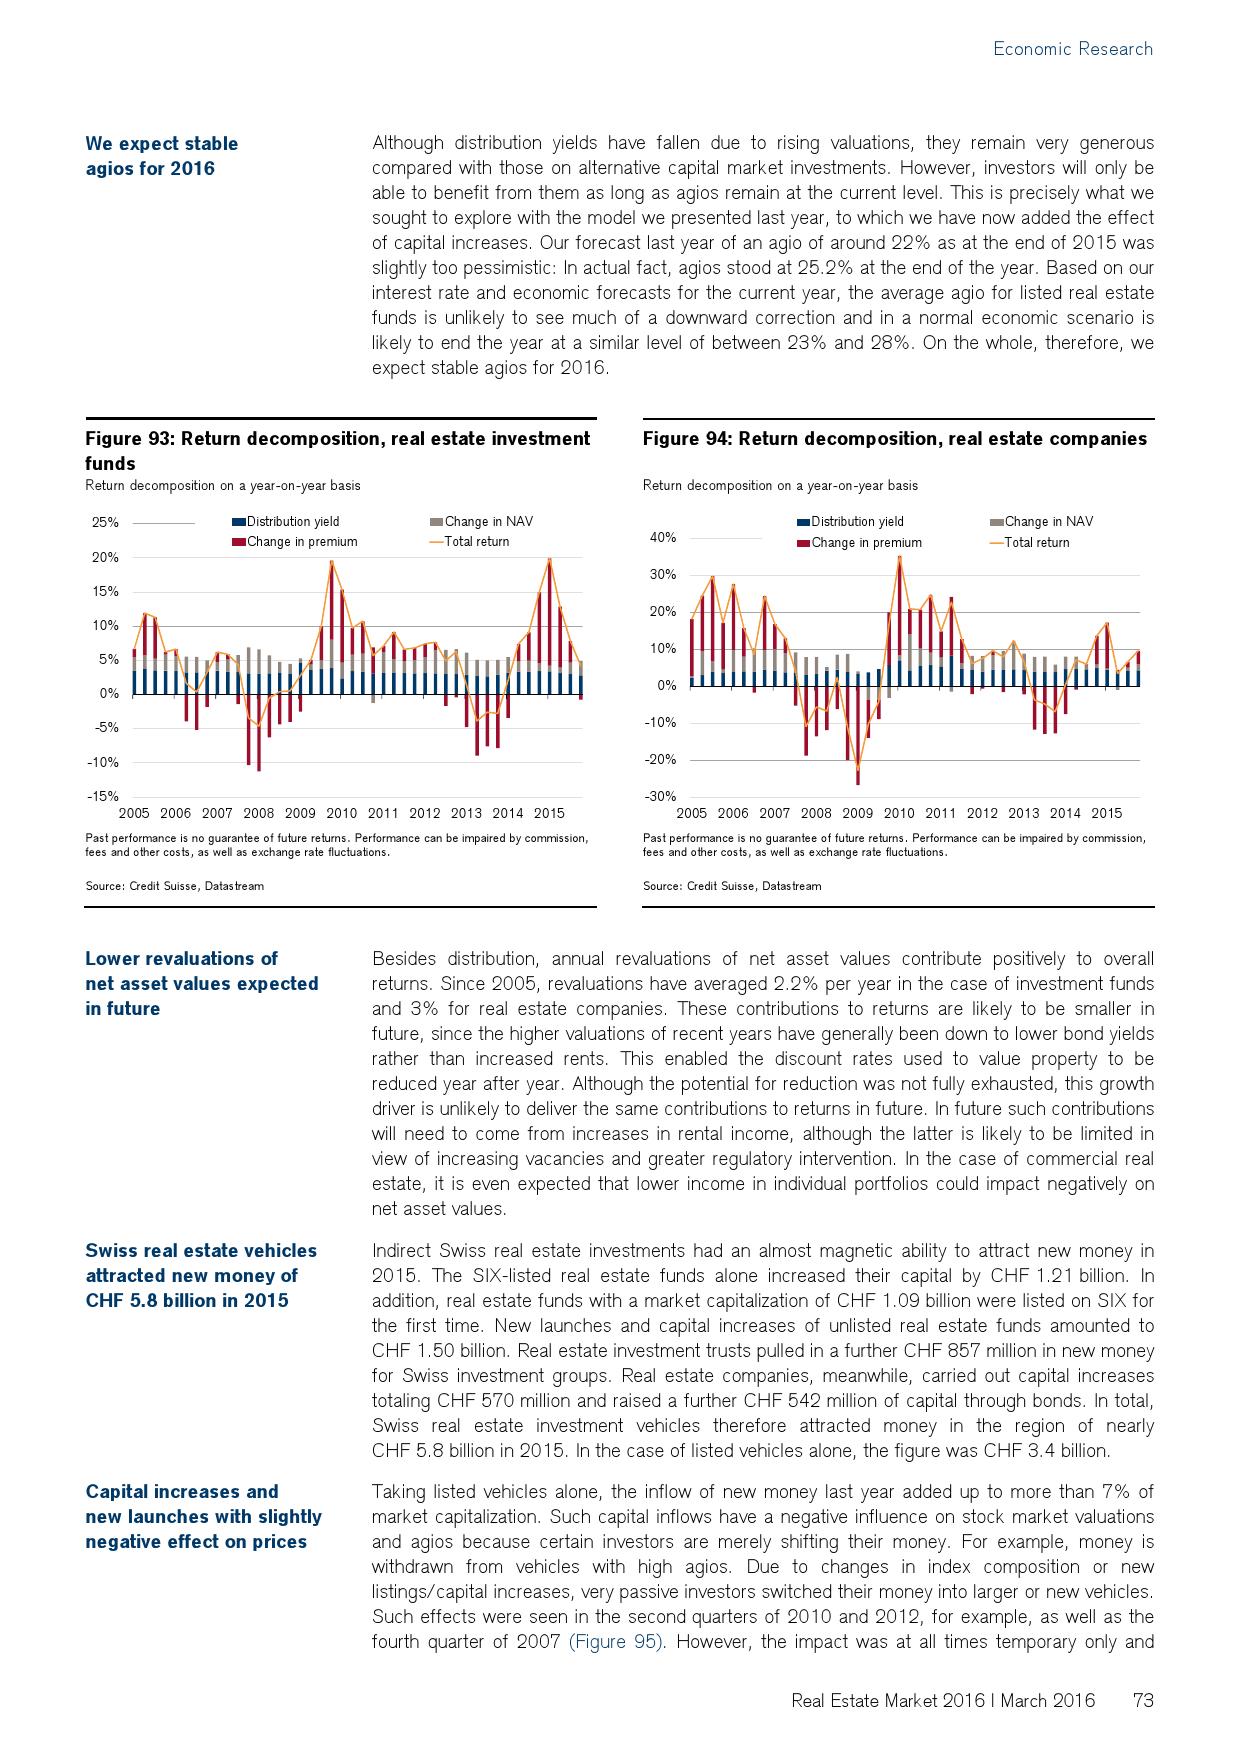 2016年瑞士房地产市场研究报告_000073